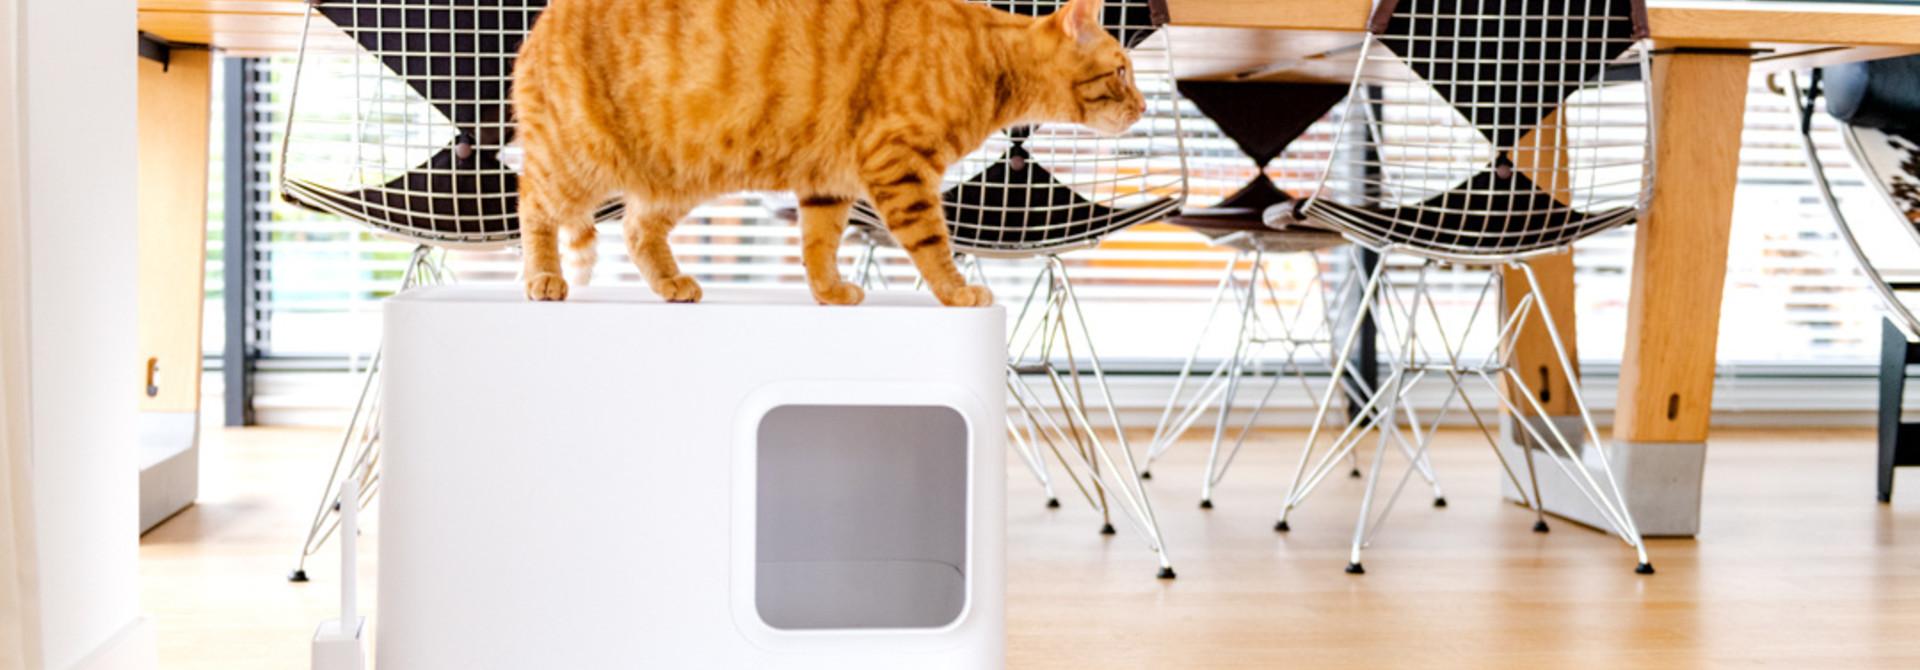 5 Gründe, die Dome Katzentoilette zu kaufen